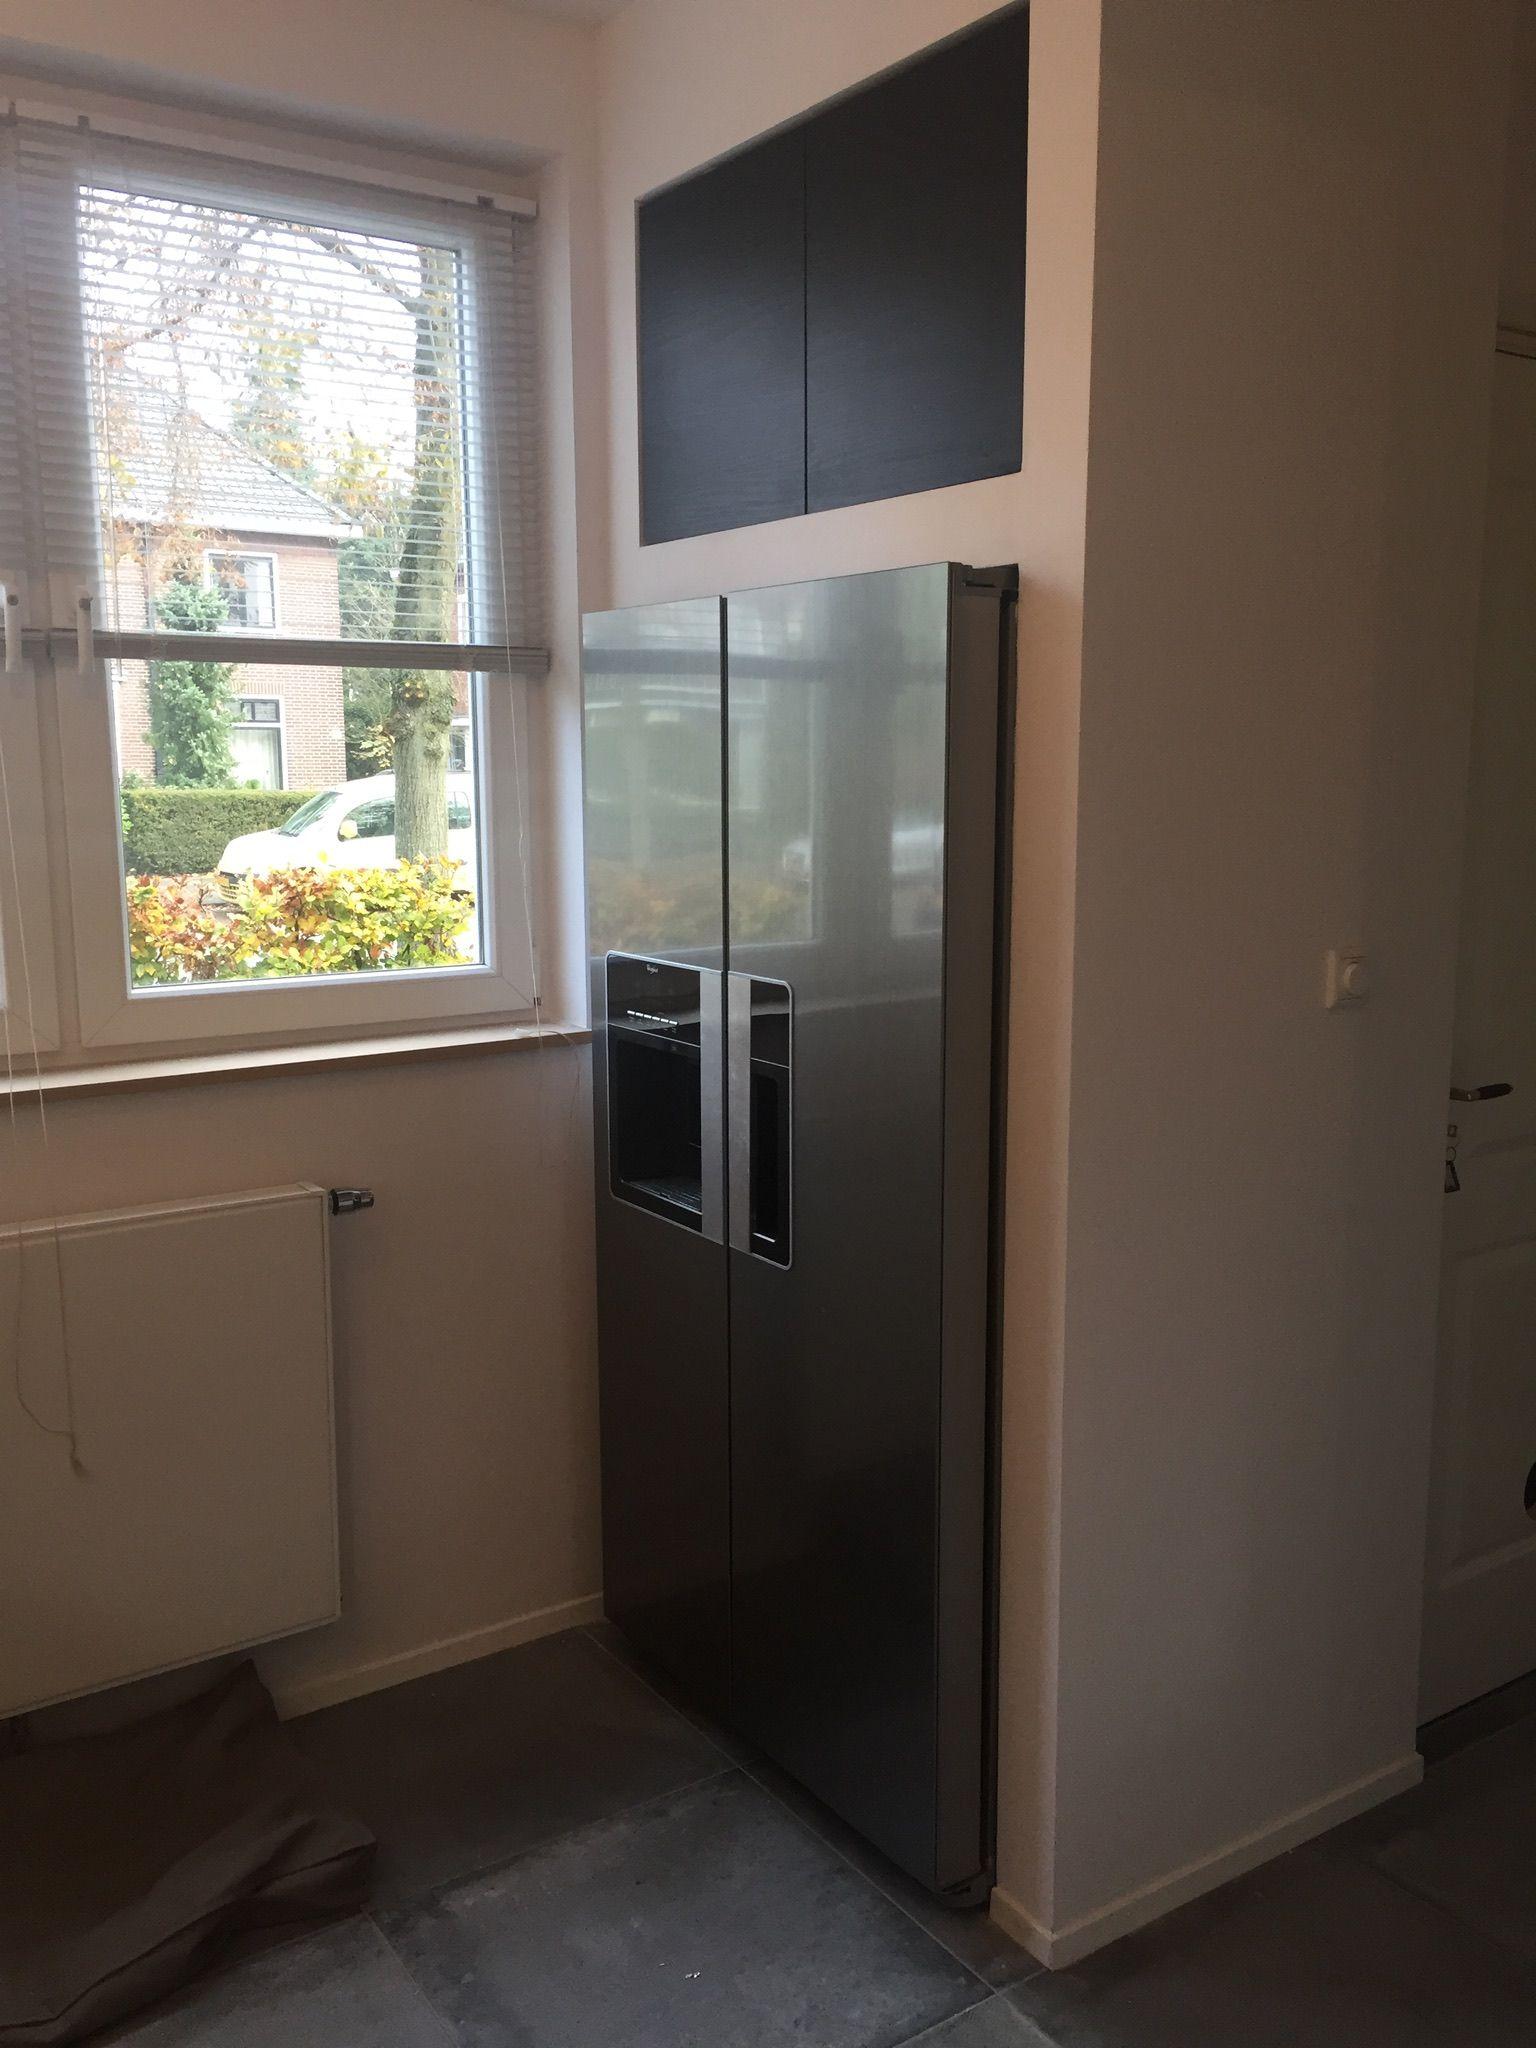 Extreem Ombouw Amerikaanse koelkast | keuken - Kitchen, Home deco en Deco WV13